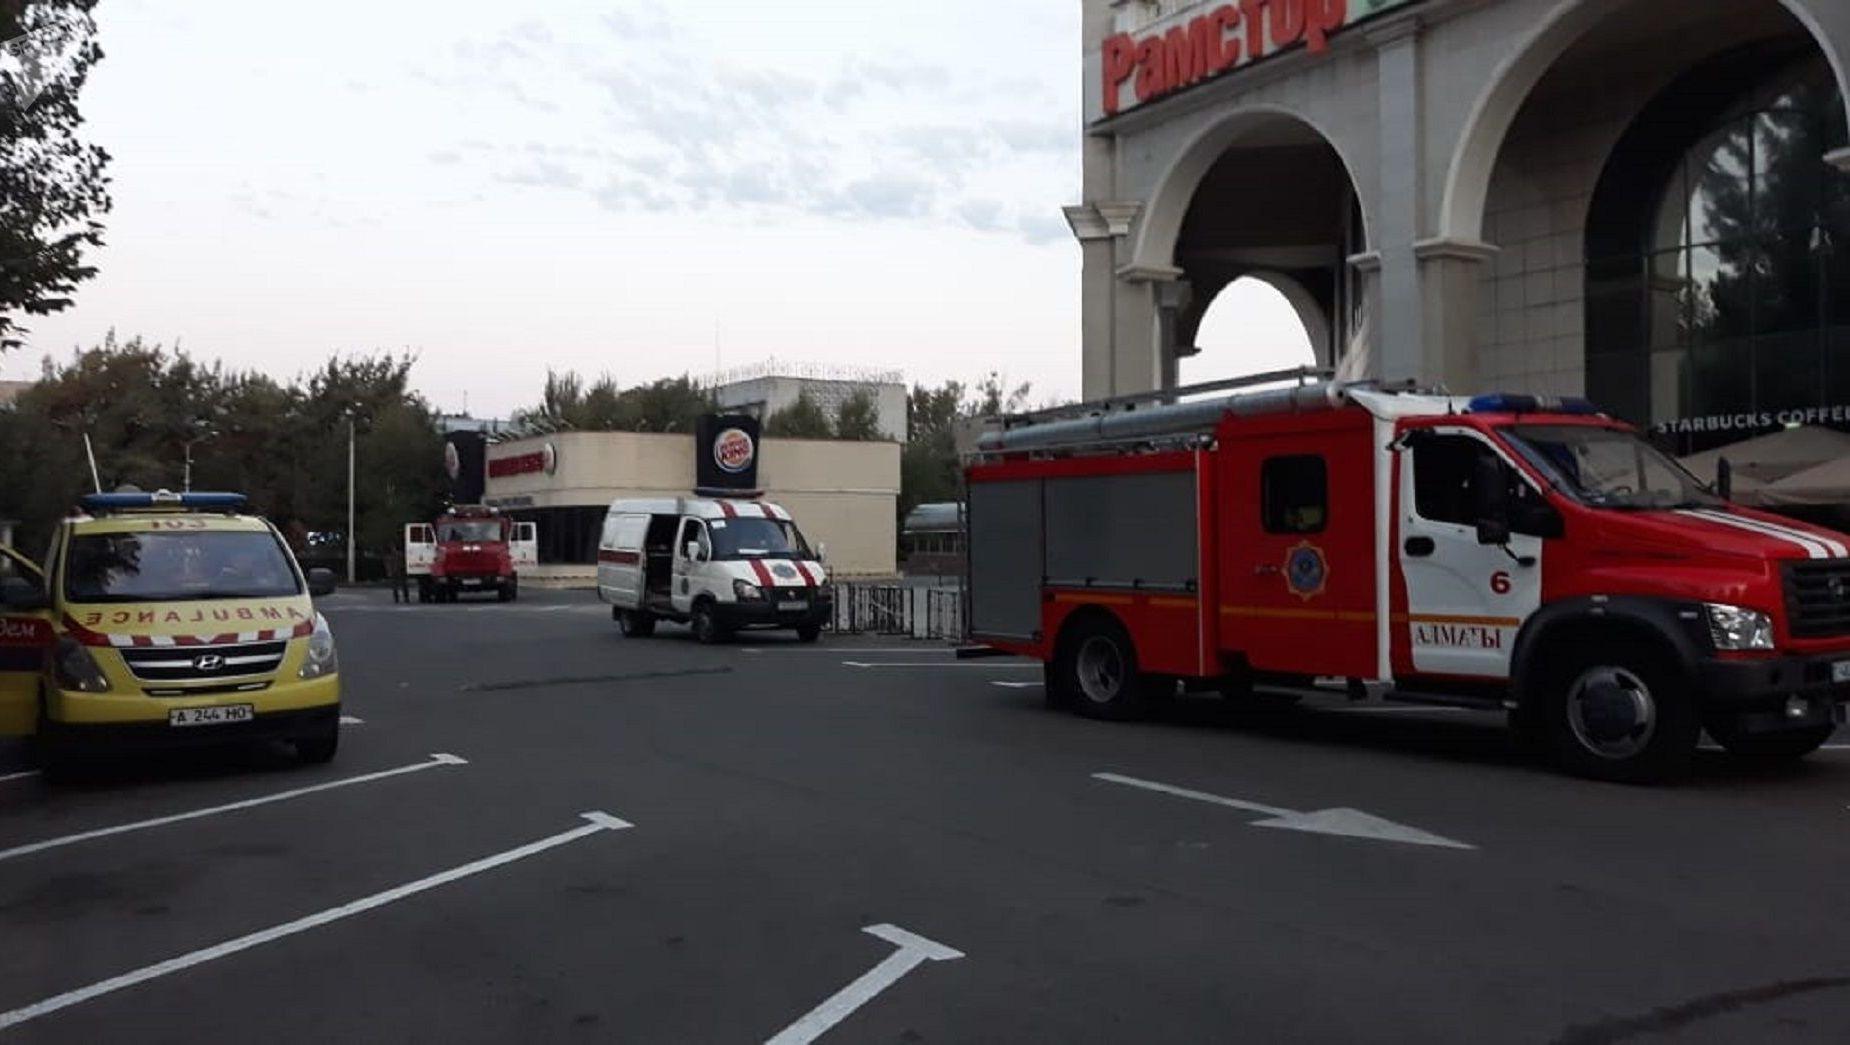 На место происшествия прибыли пожарные расчеты и скорая помощь